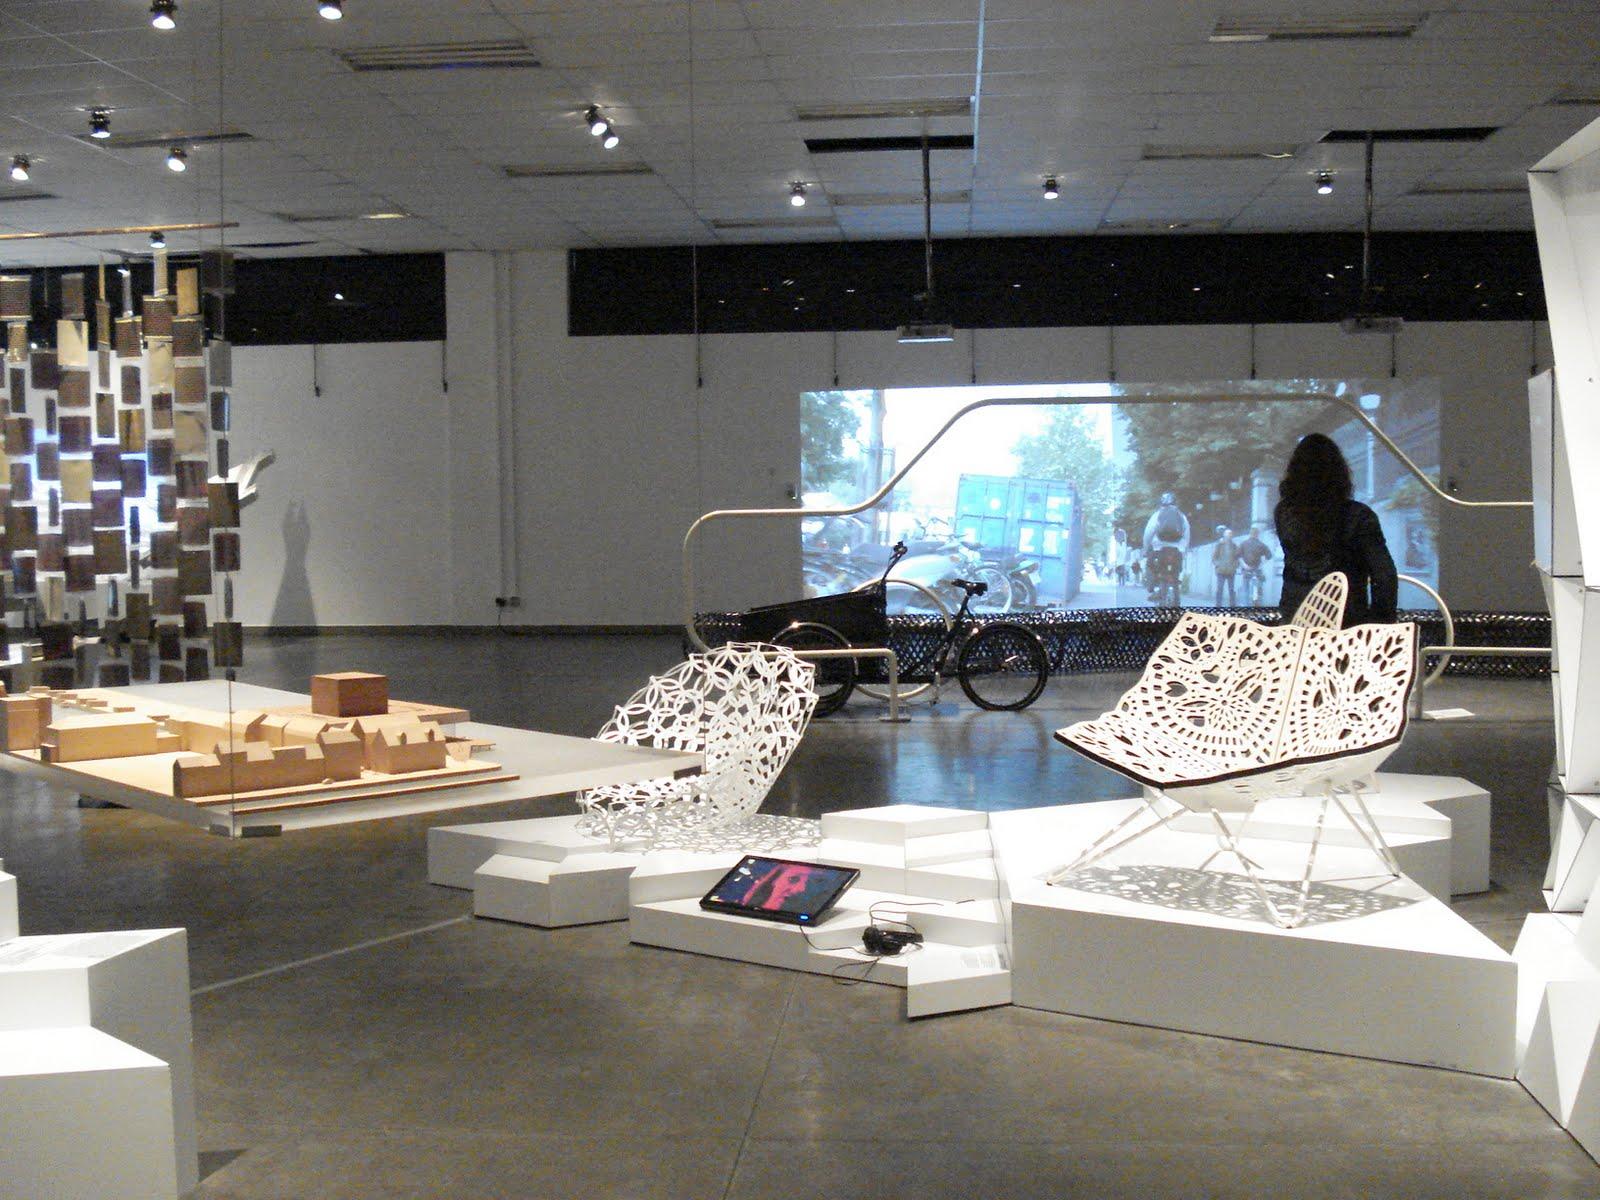 Bom pessoal esse foi o ultimo final de semana da Bienal de Design em  #2C739F 1600x1200